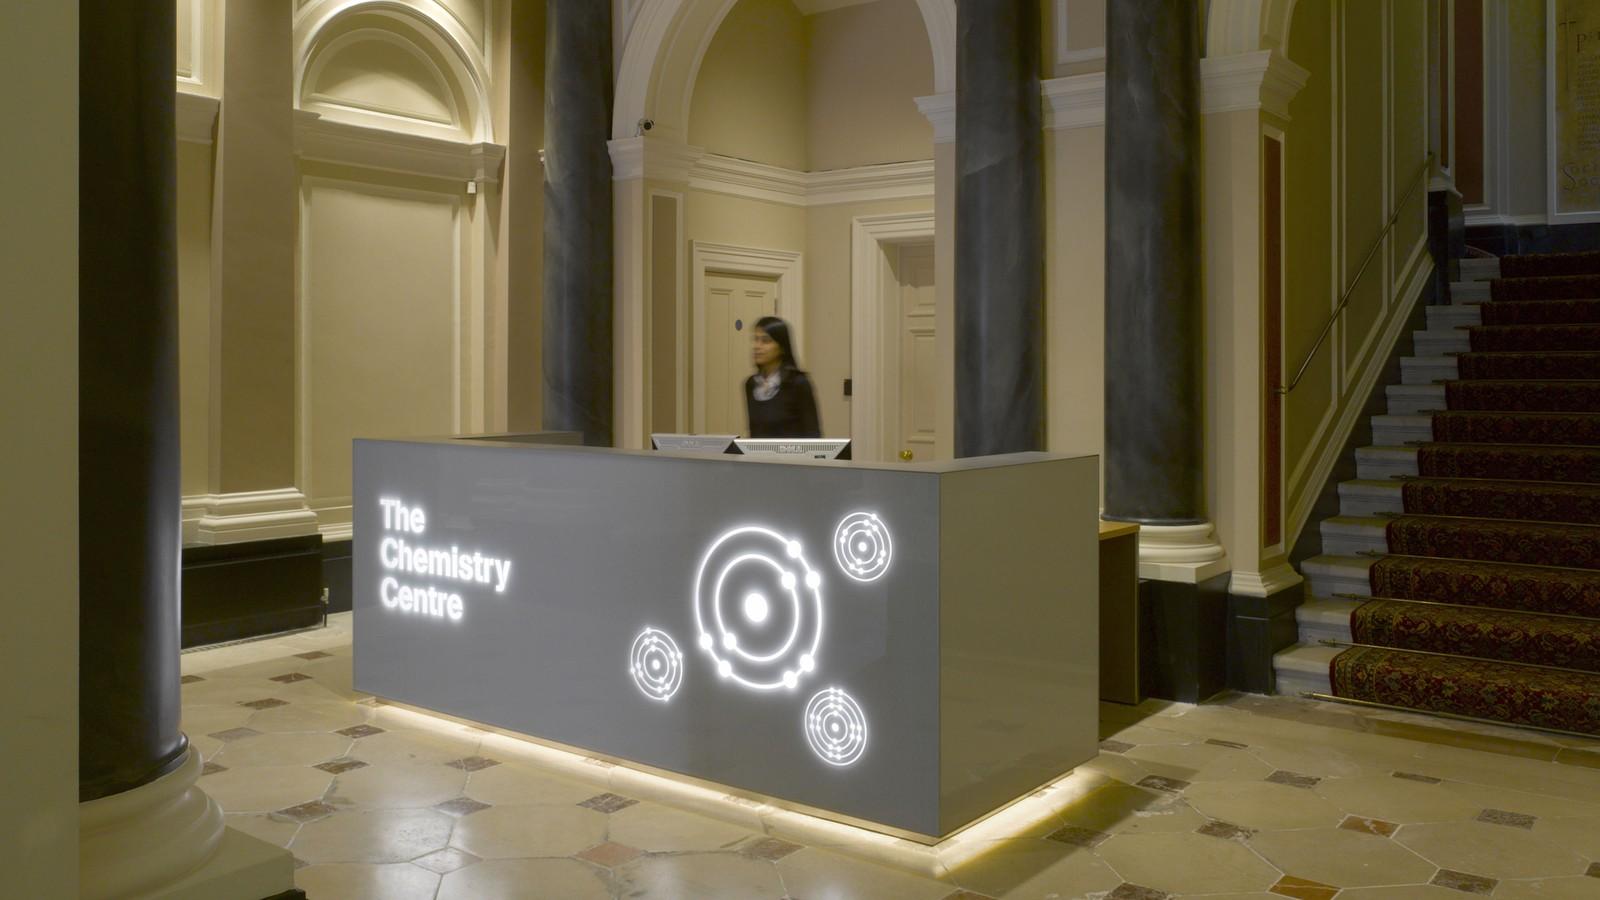 Royal Society of Chemistry 1